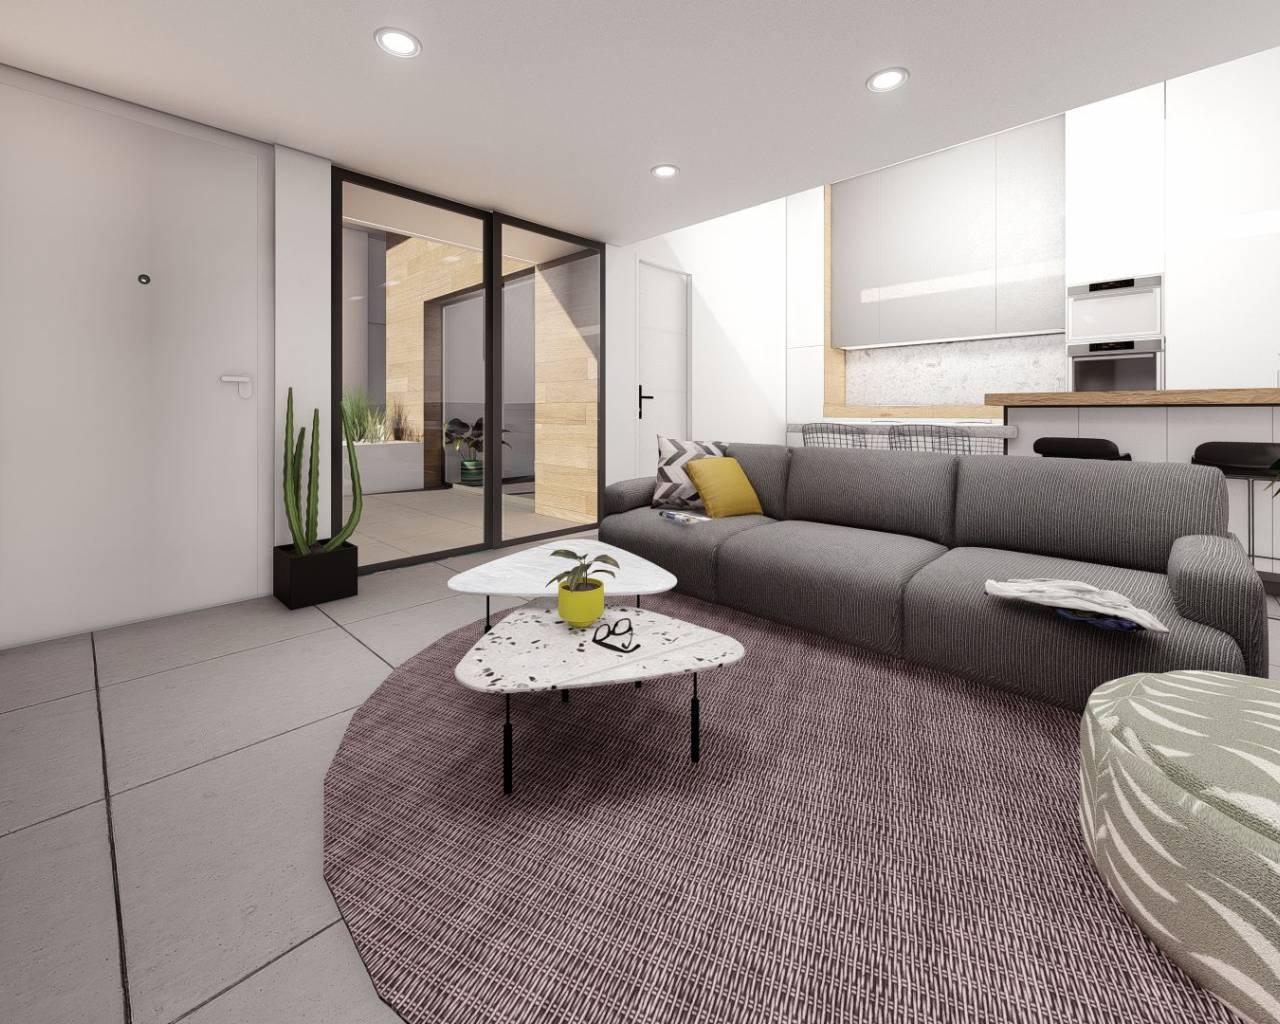 nieuwbouw-half-vrijstaande-villa-roldan_5757_xl